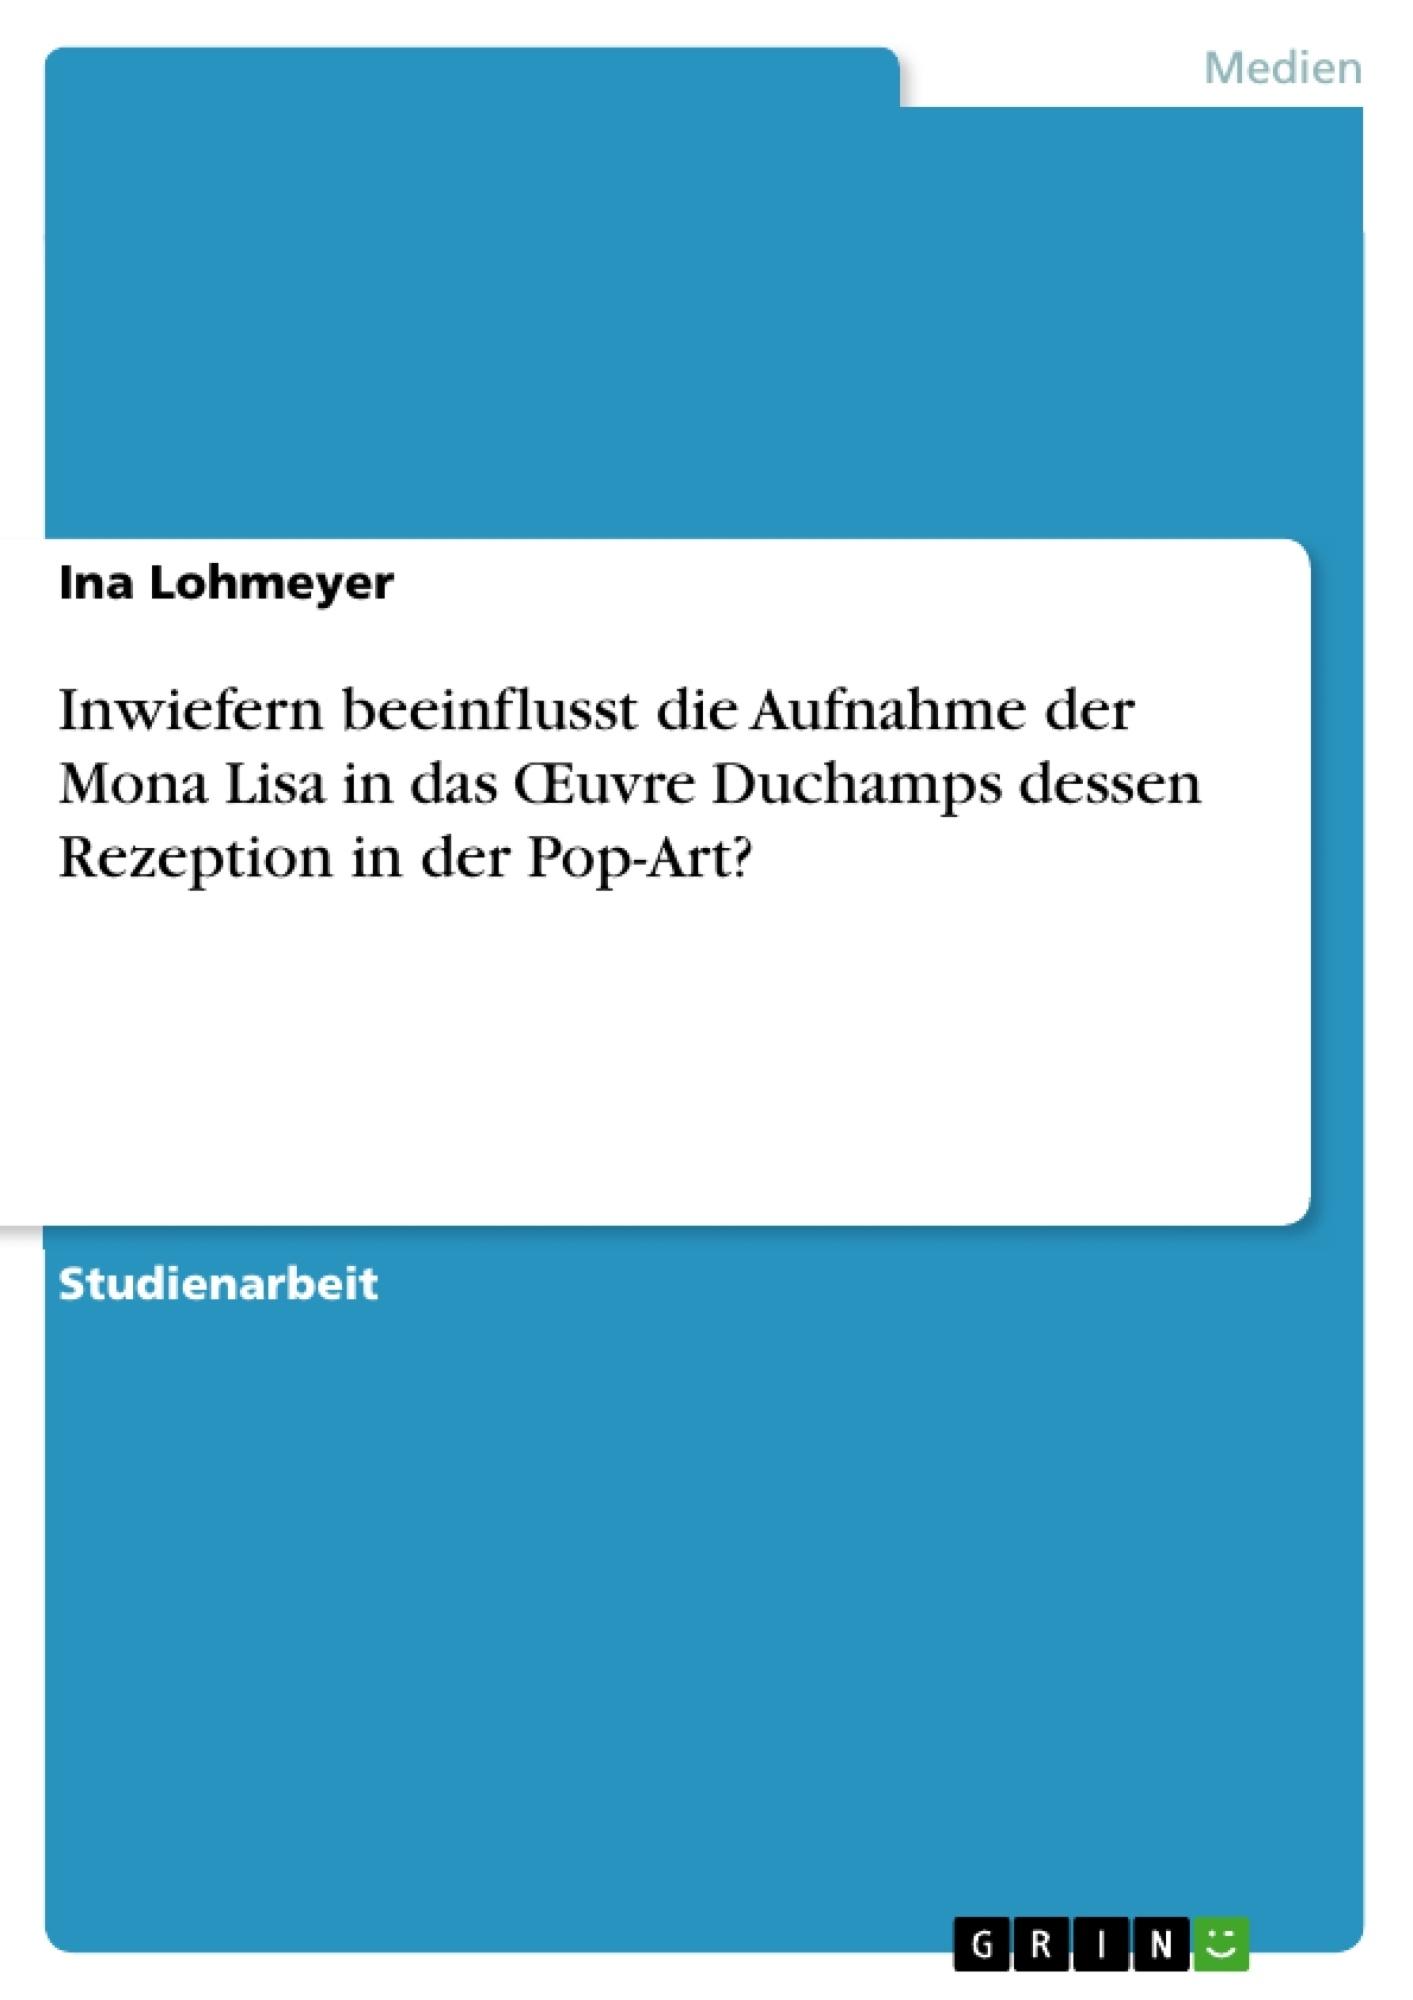 Titel: Inwiefern beeinflusst die Aufnahme der Mona Lisa in das Œuvre Duchamps dessen Rezeption in der Pop-Art?